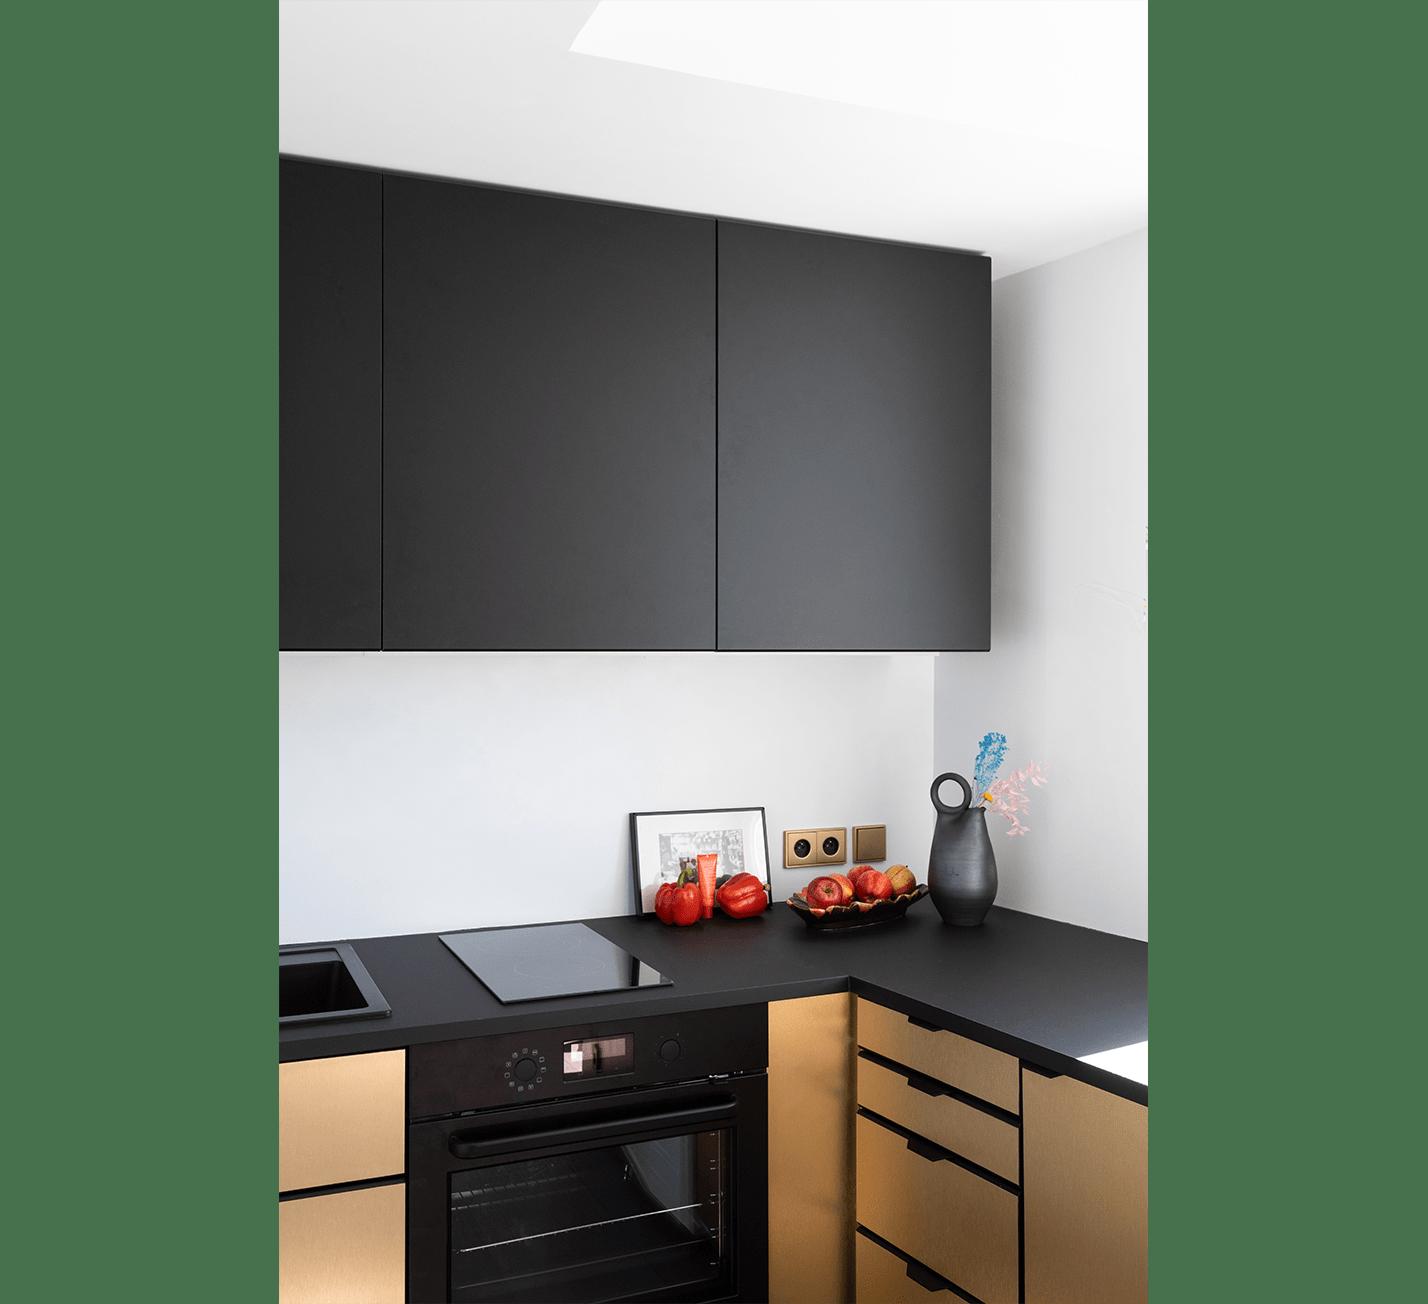 Projet-Gabriel-Atelier-Steve-Pauline-Borgia-Architecture-interieur-03-min